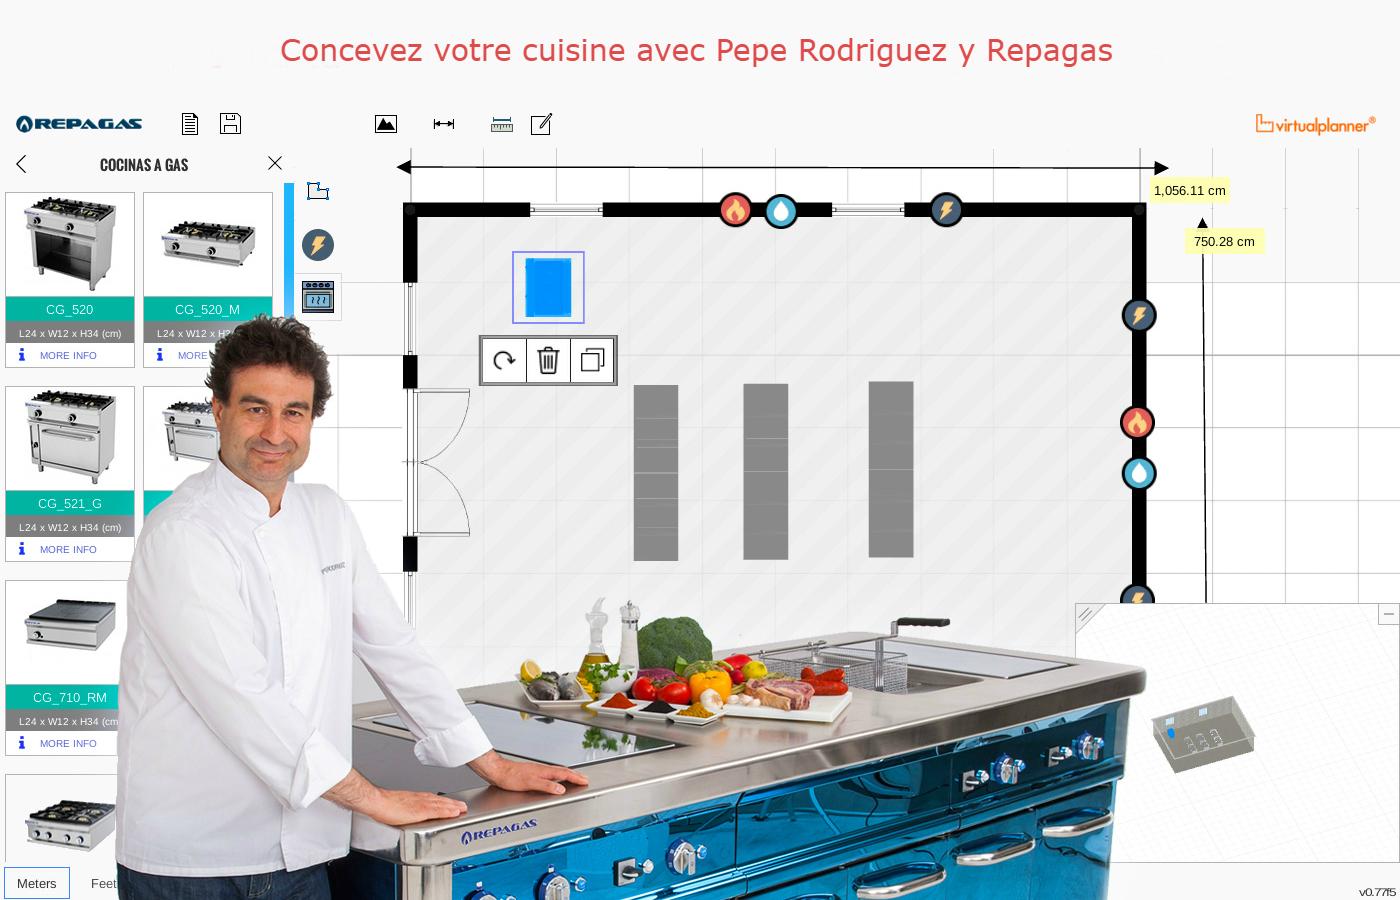 concepteur de cuisines repagas concevez votre cuisine ideal. Black Bedroom Furniture Sets. Home Design Ideas